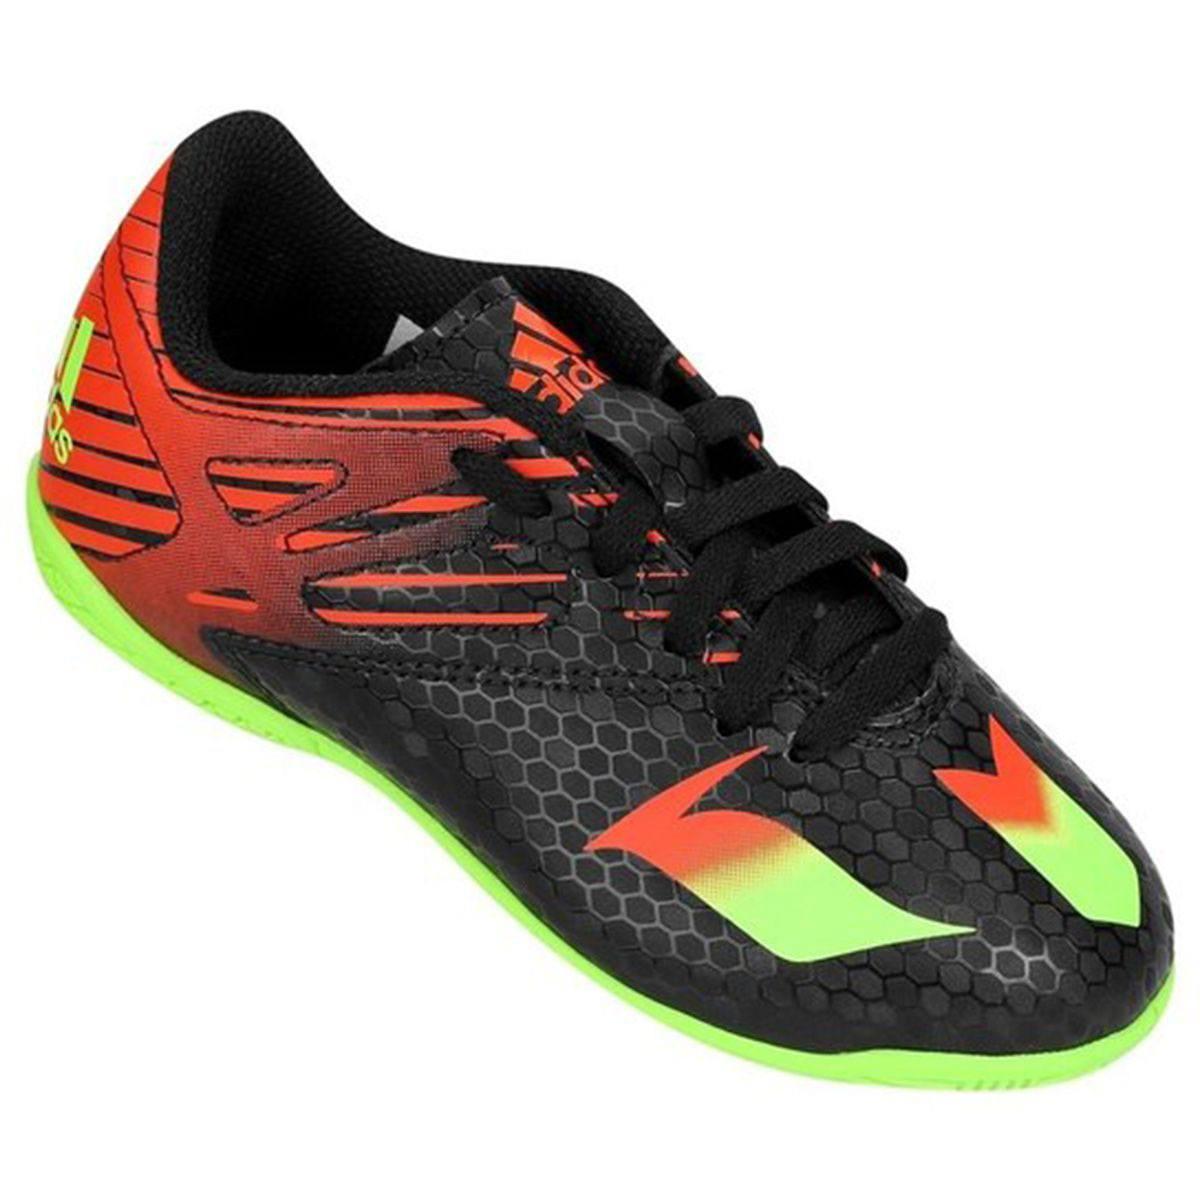 a57c51ef5f7ab Chuteira Futsal Infantil Adidas Messi 15.4 IN